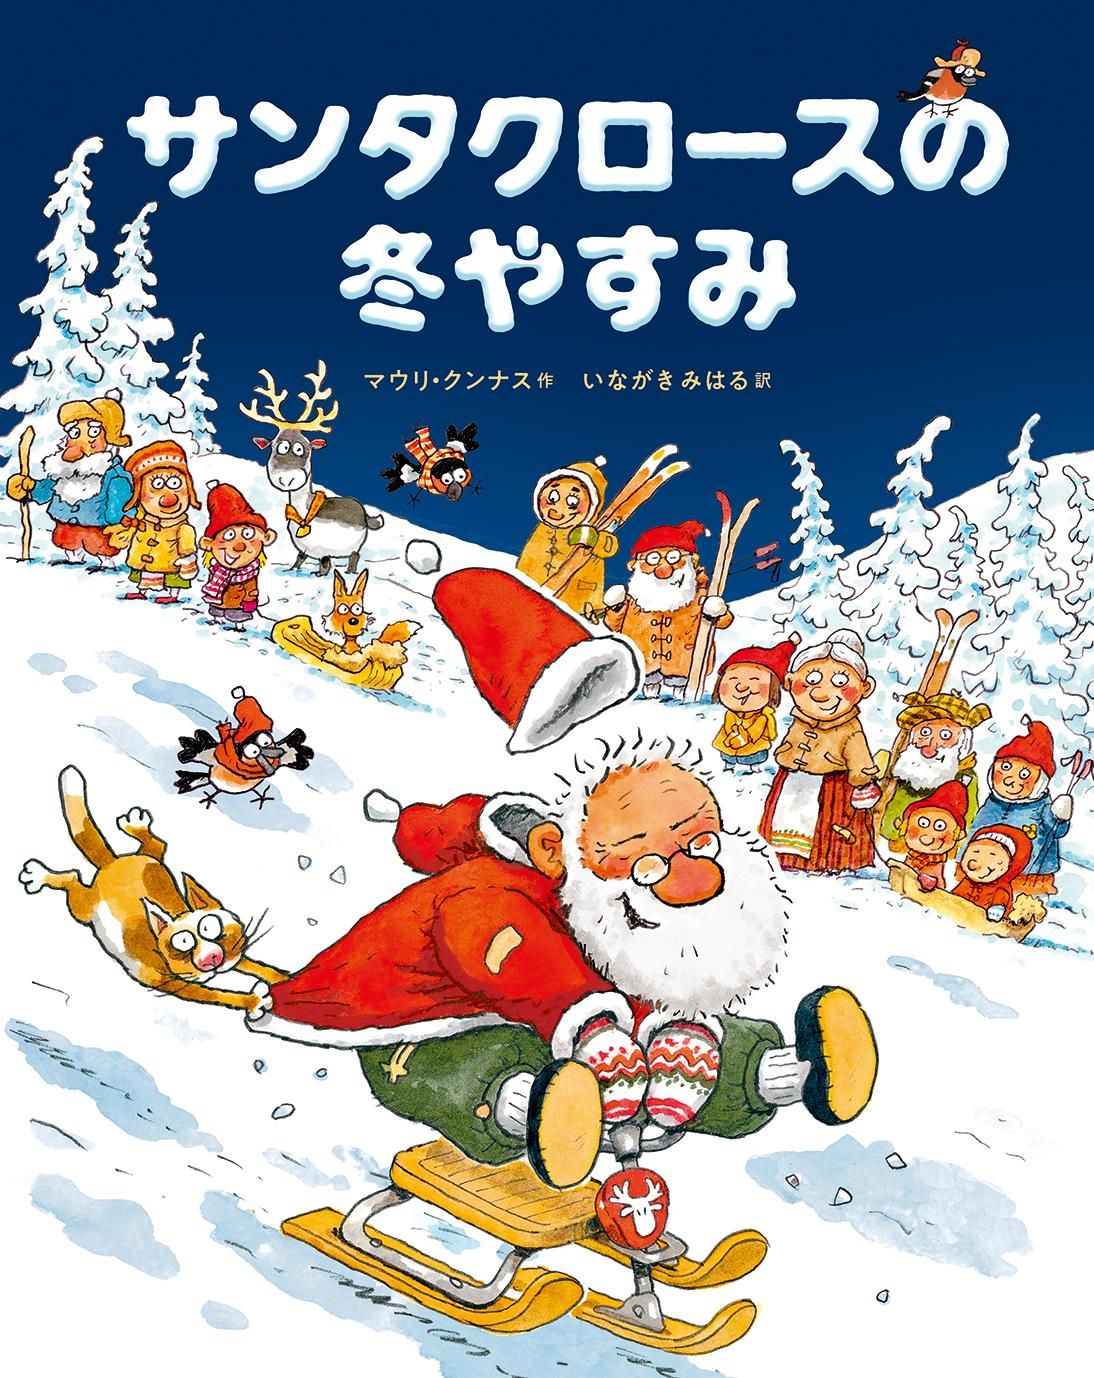 『サンタクロースの冬やすみ』のリリースを配信しました